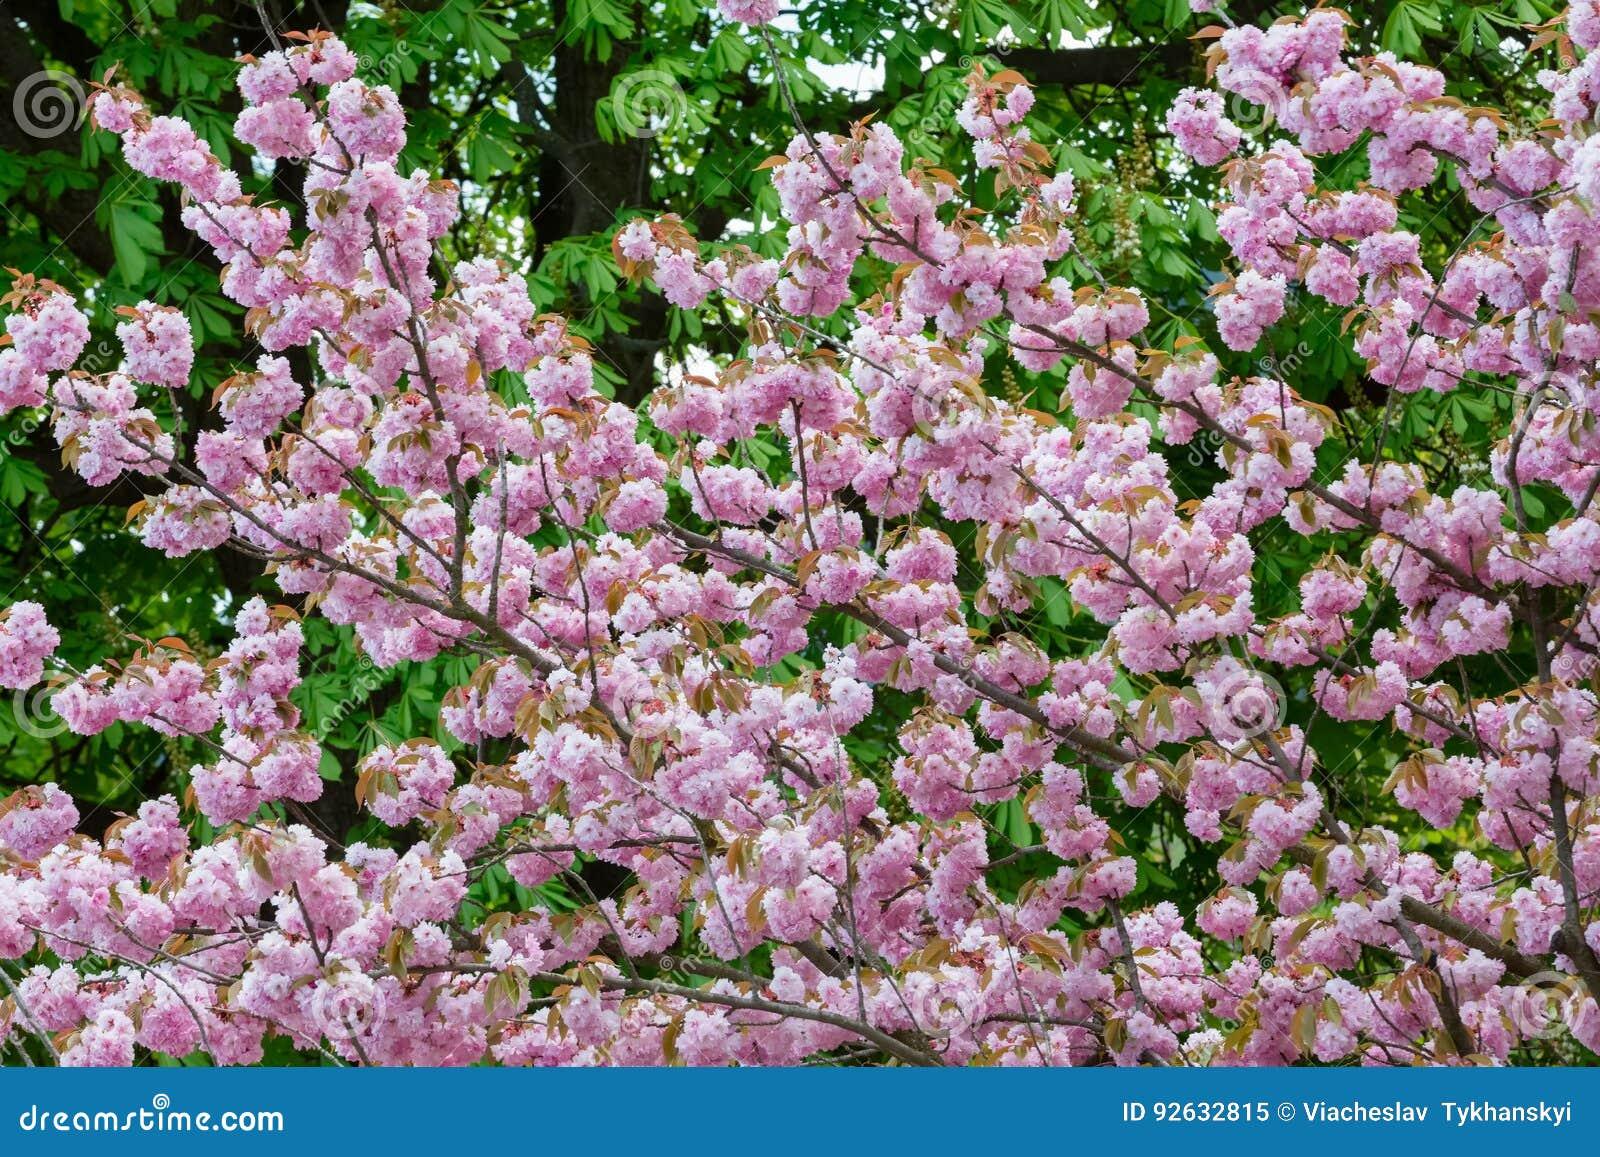 Spring flowering sakura